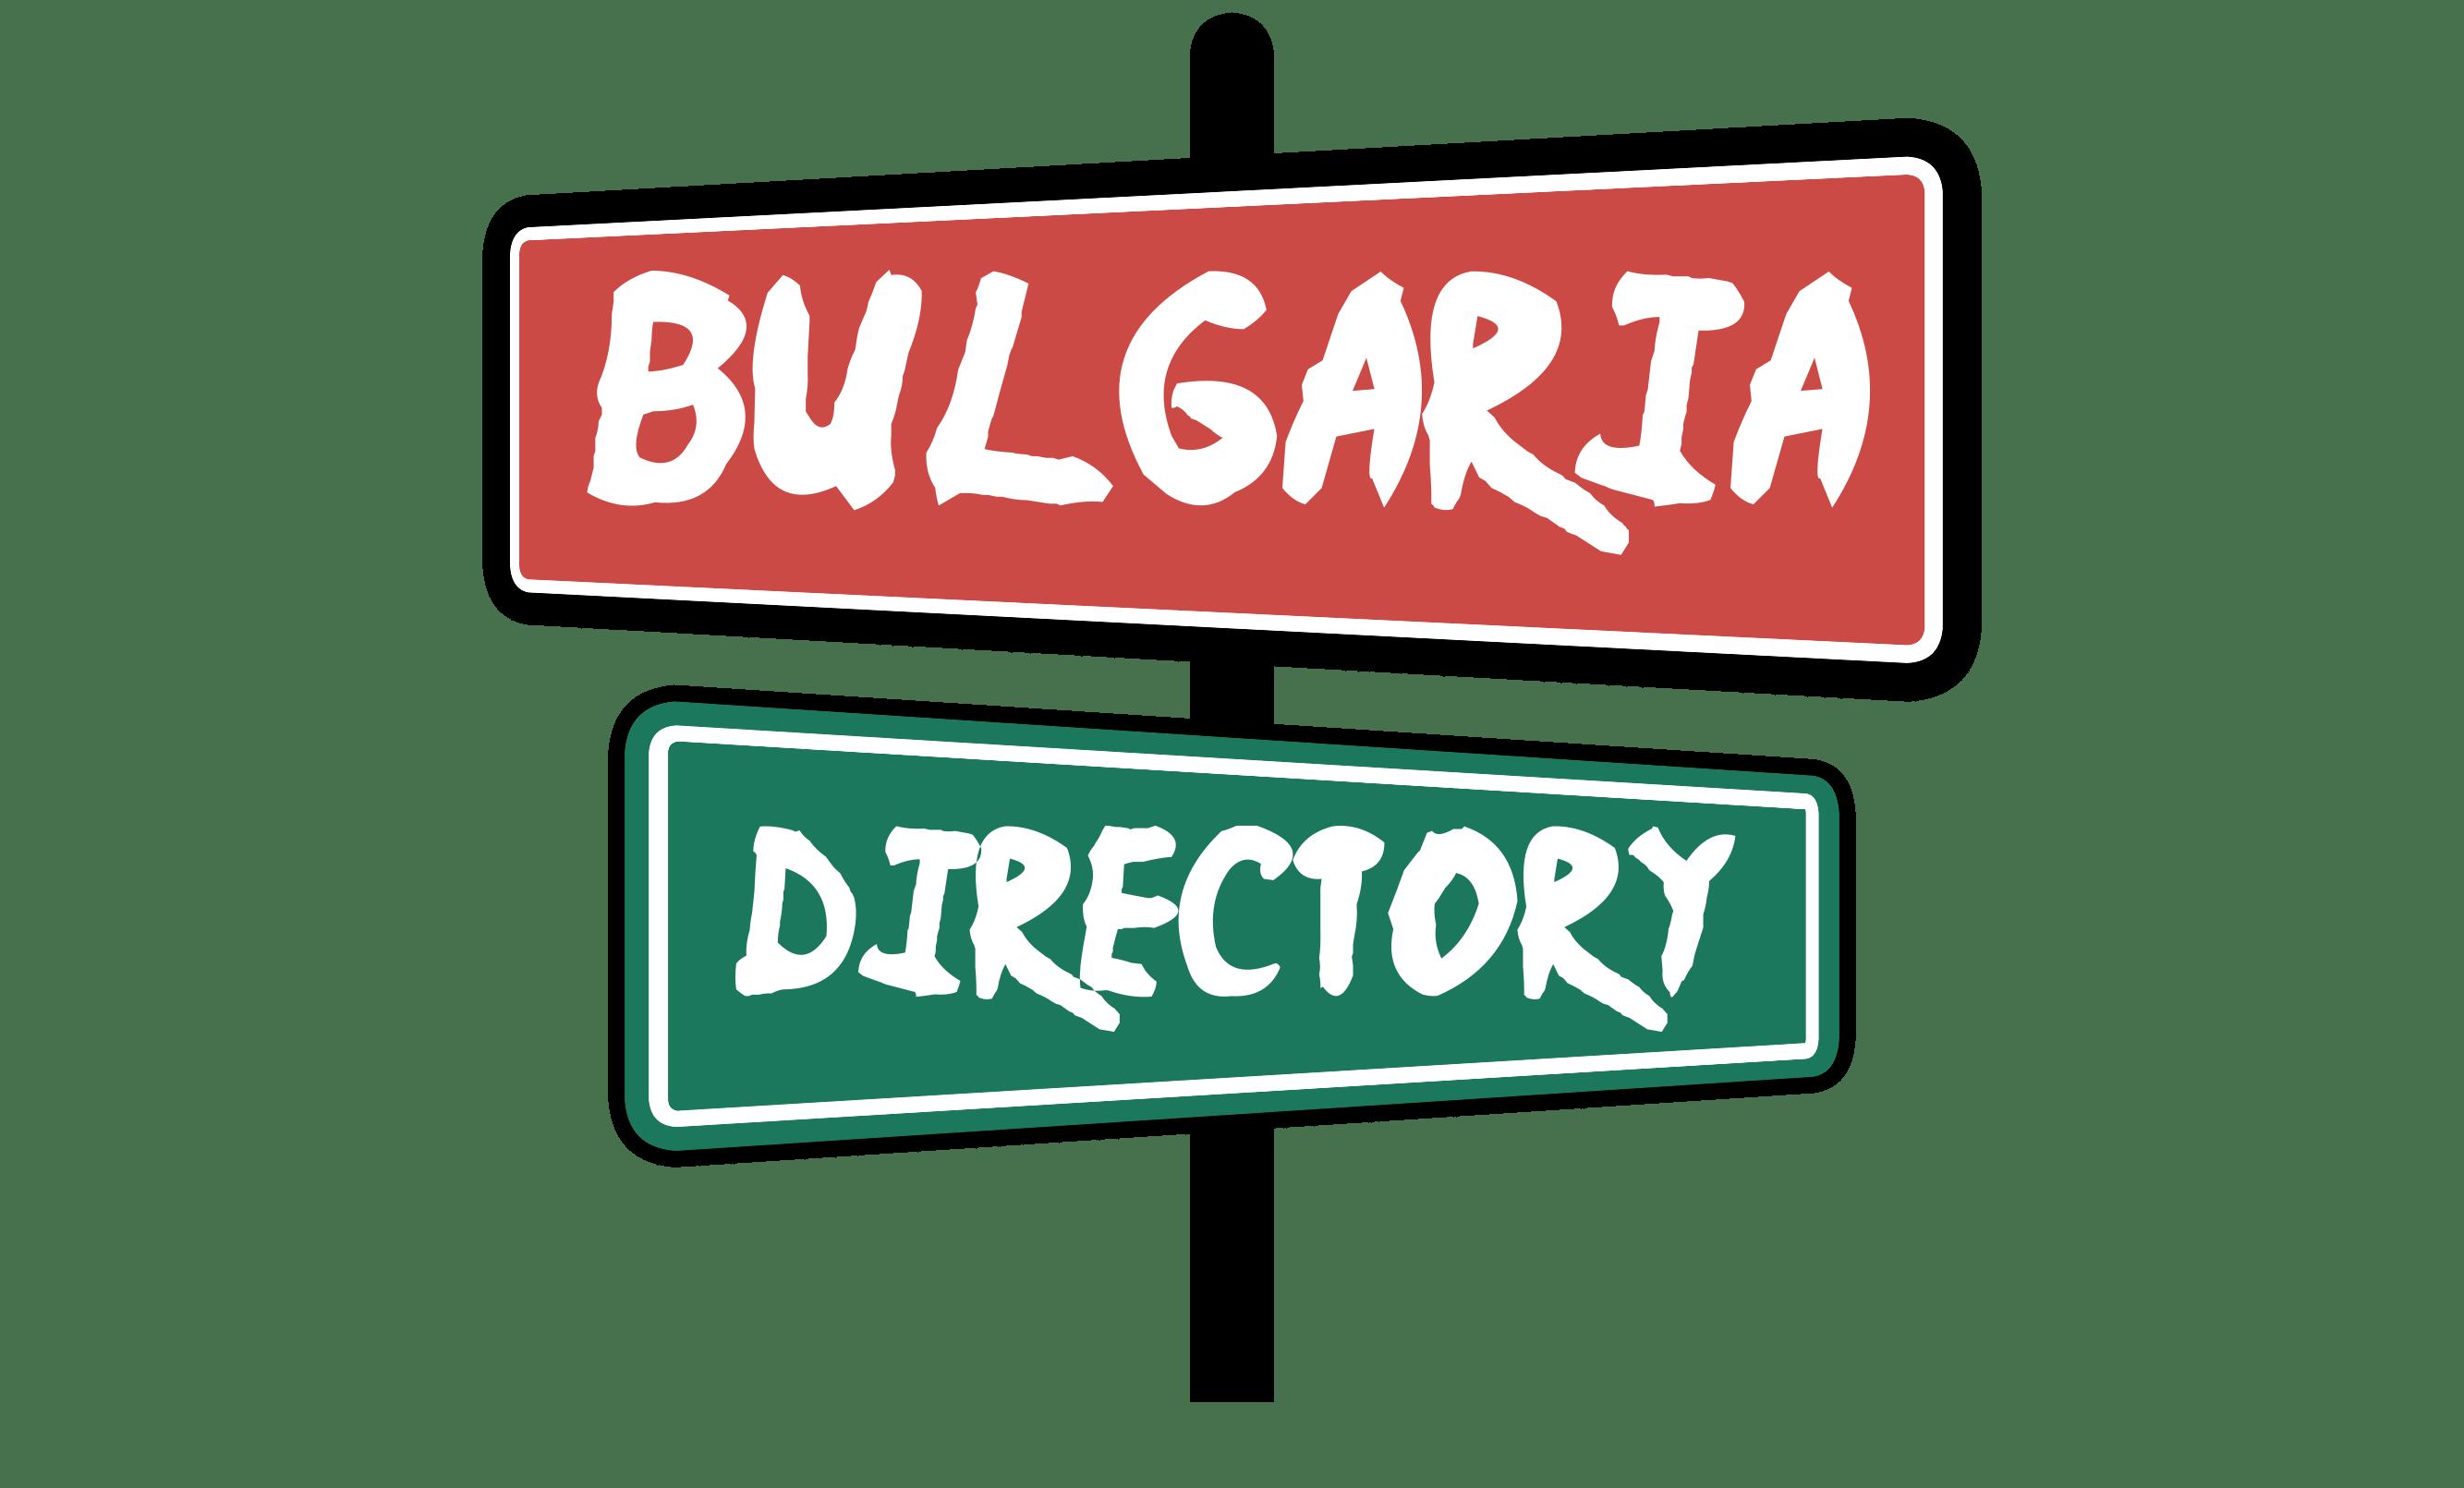 Bulgaria Directory